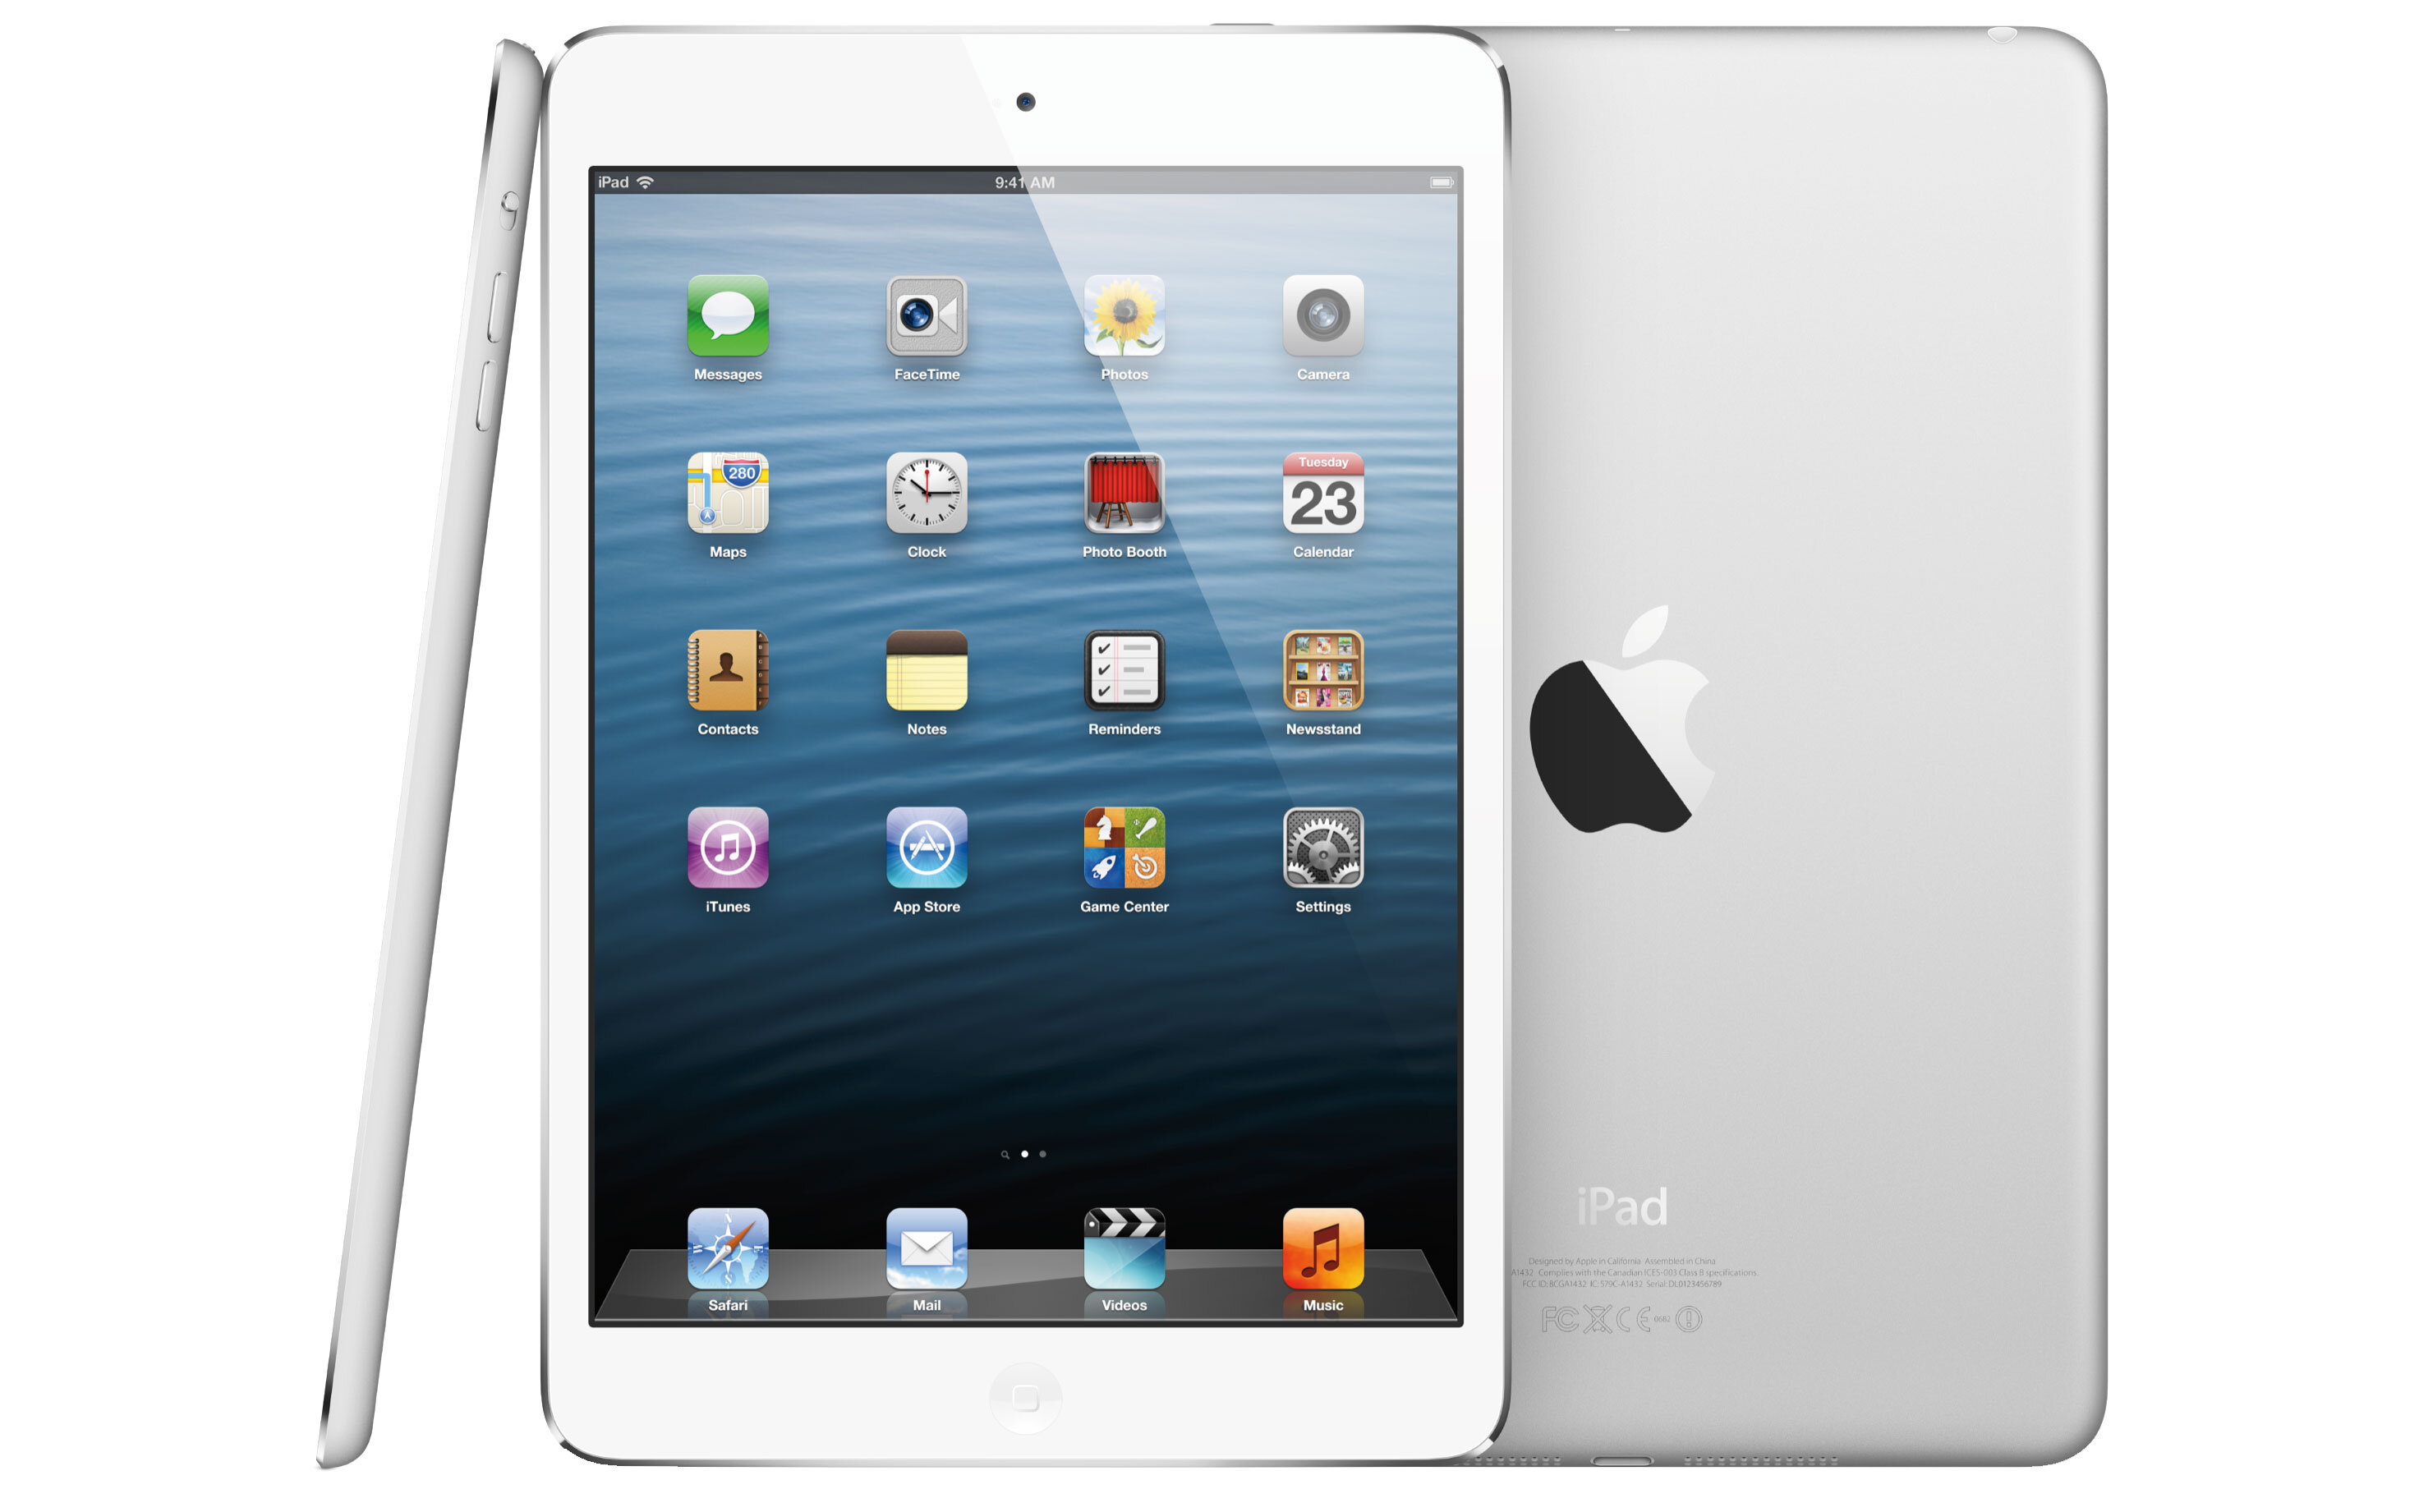 Máy tính bảng Apple iPad 1 - 32GB, Wifi + 3G, 9.7 inch